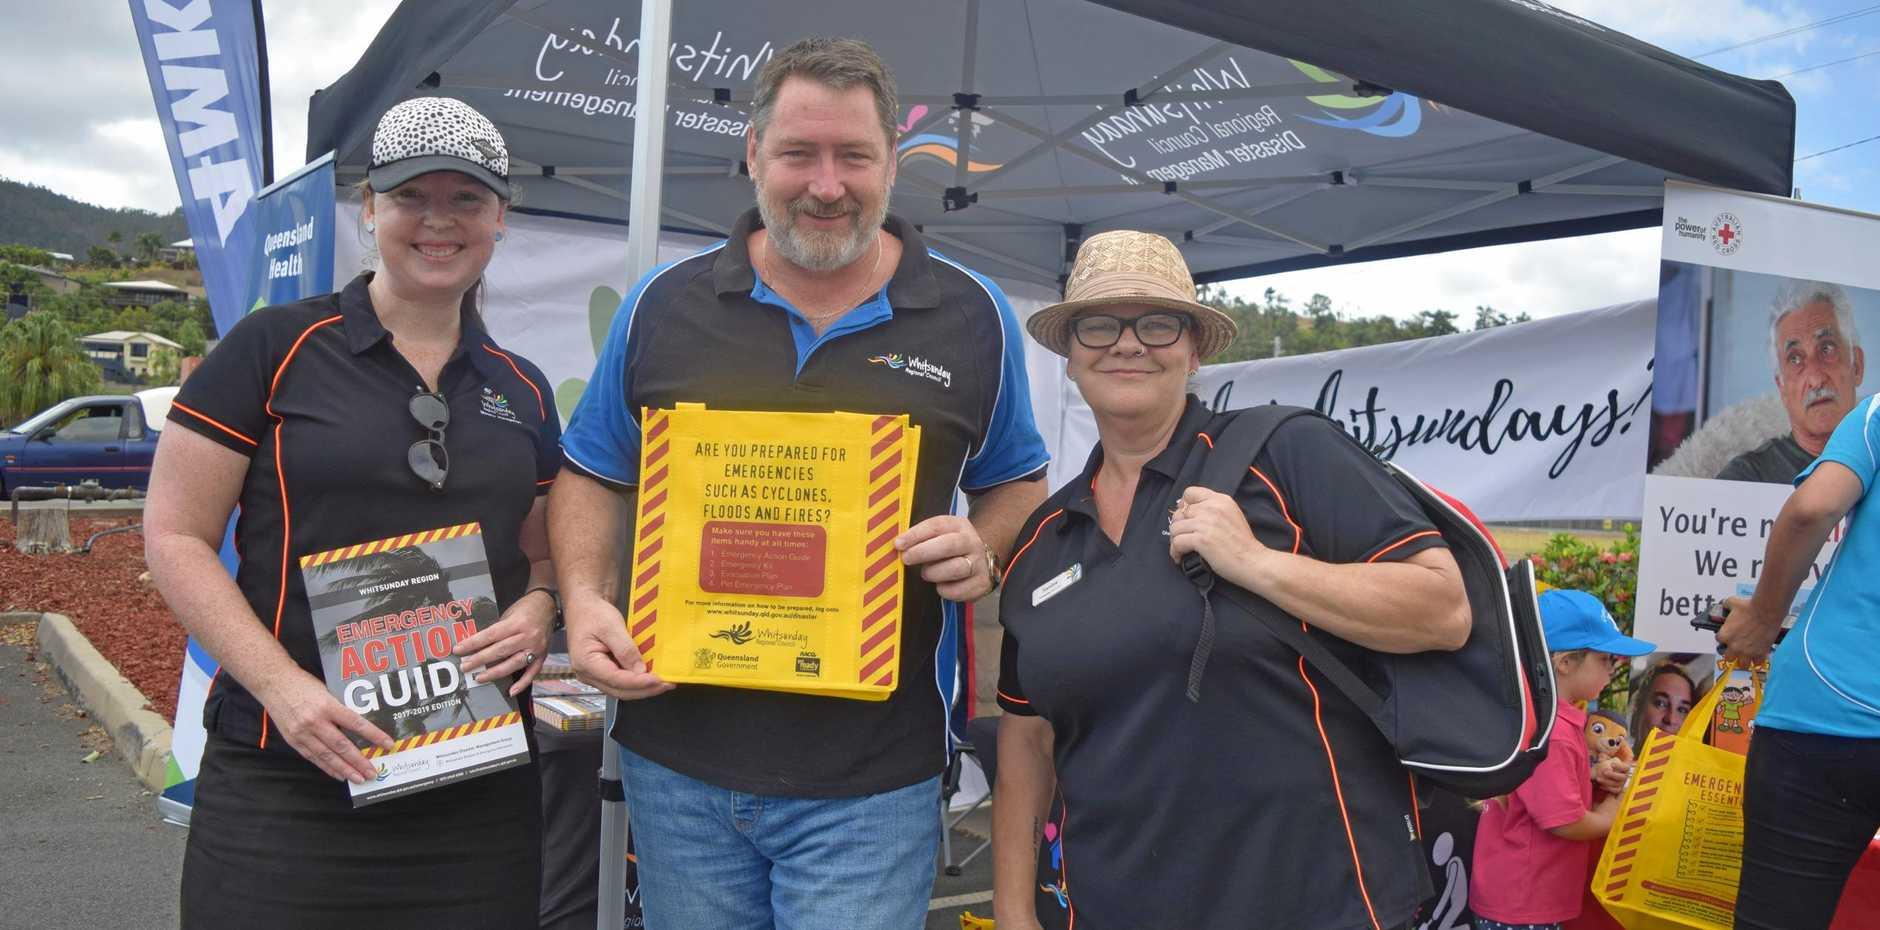 Sandra Black, Ron Petterson and Alicia Palmer at last year's Cyclone Saturday event.